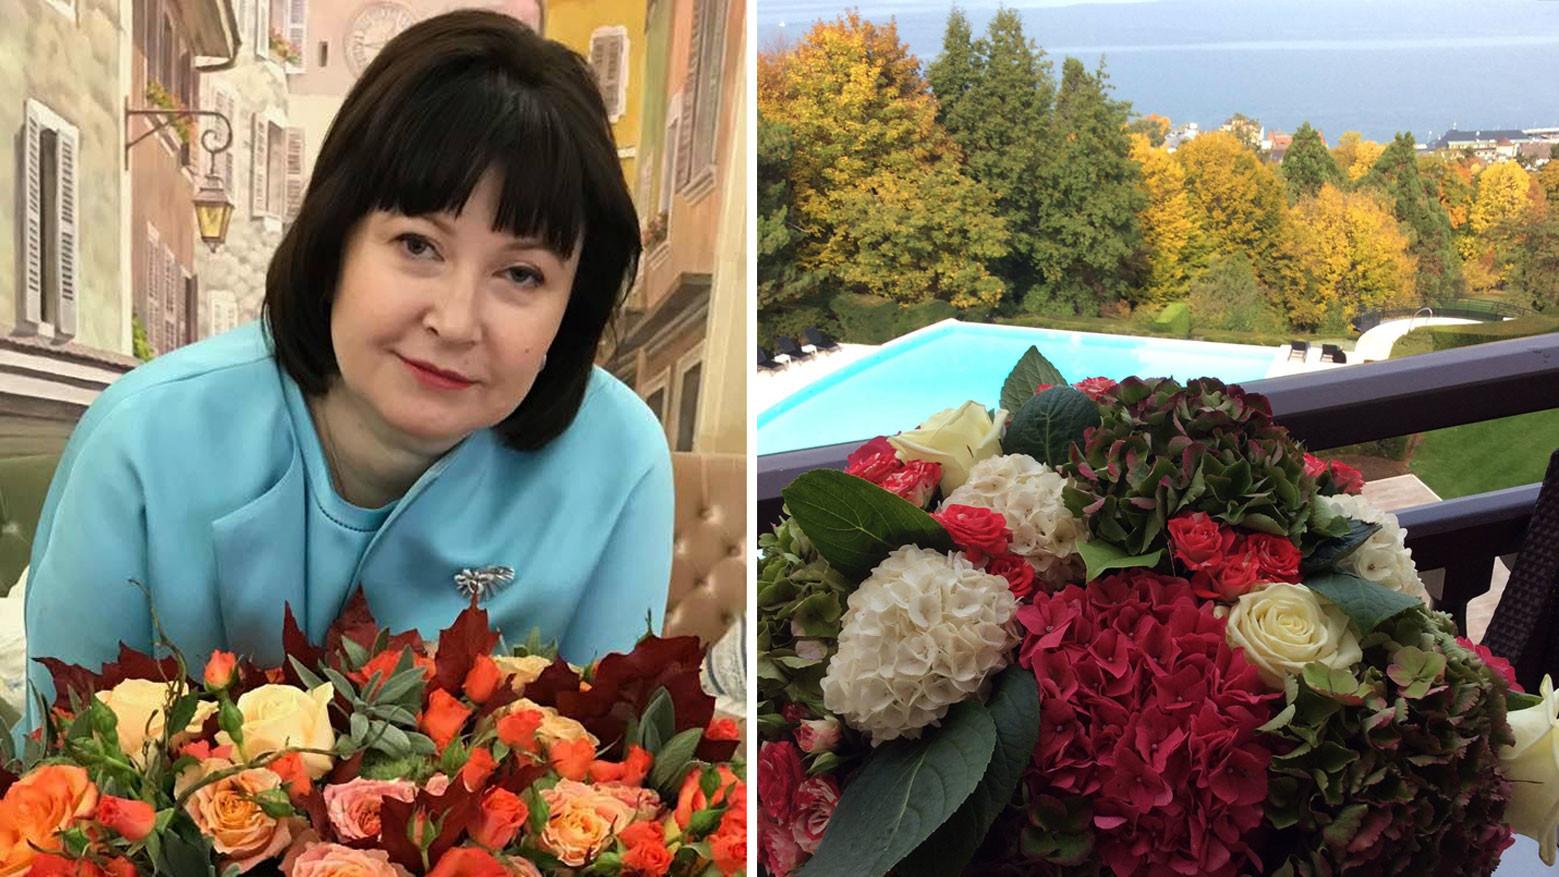 Наталья Стришняя (слева). Вид из 5* отеля в Савойских Альпах (справа). Фото © Facebook / Наталья Стришняя